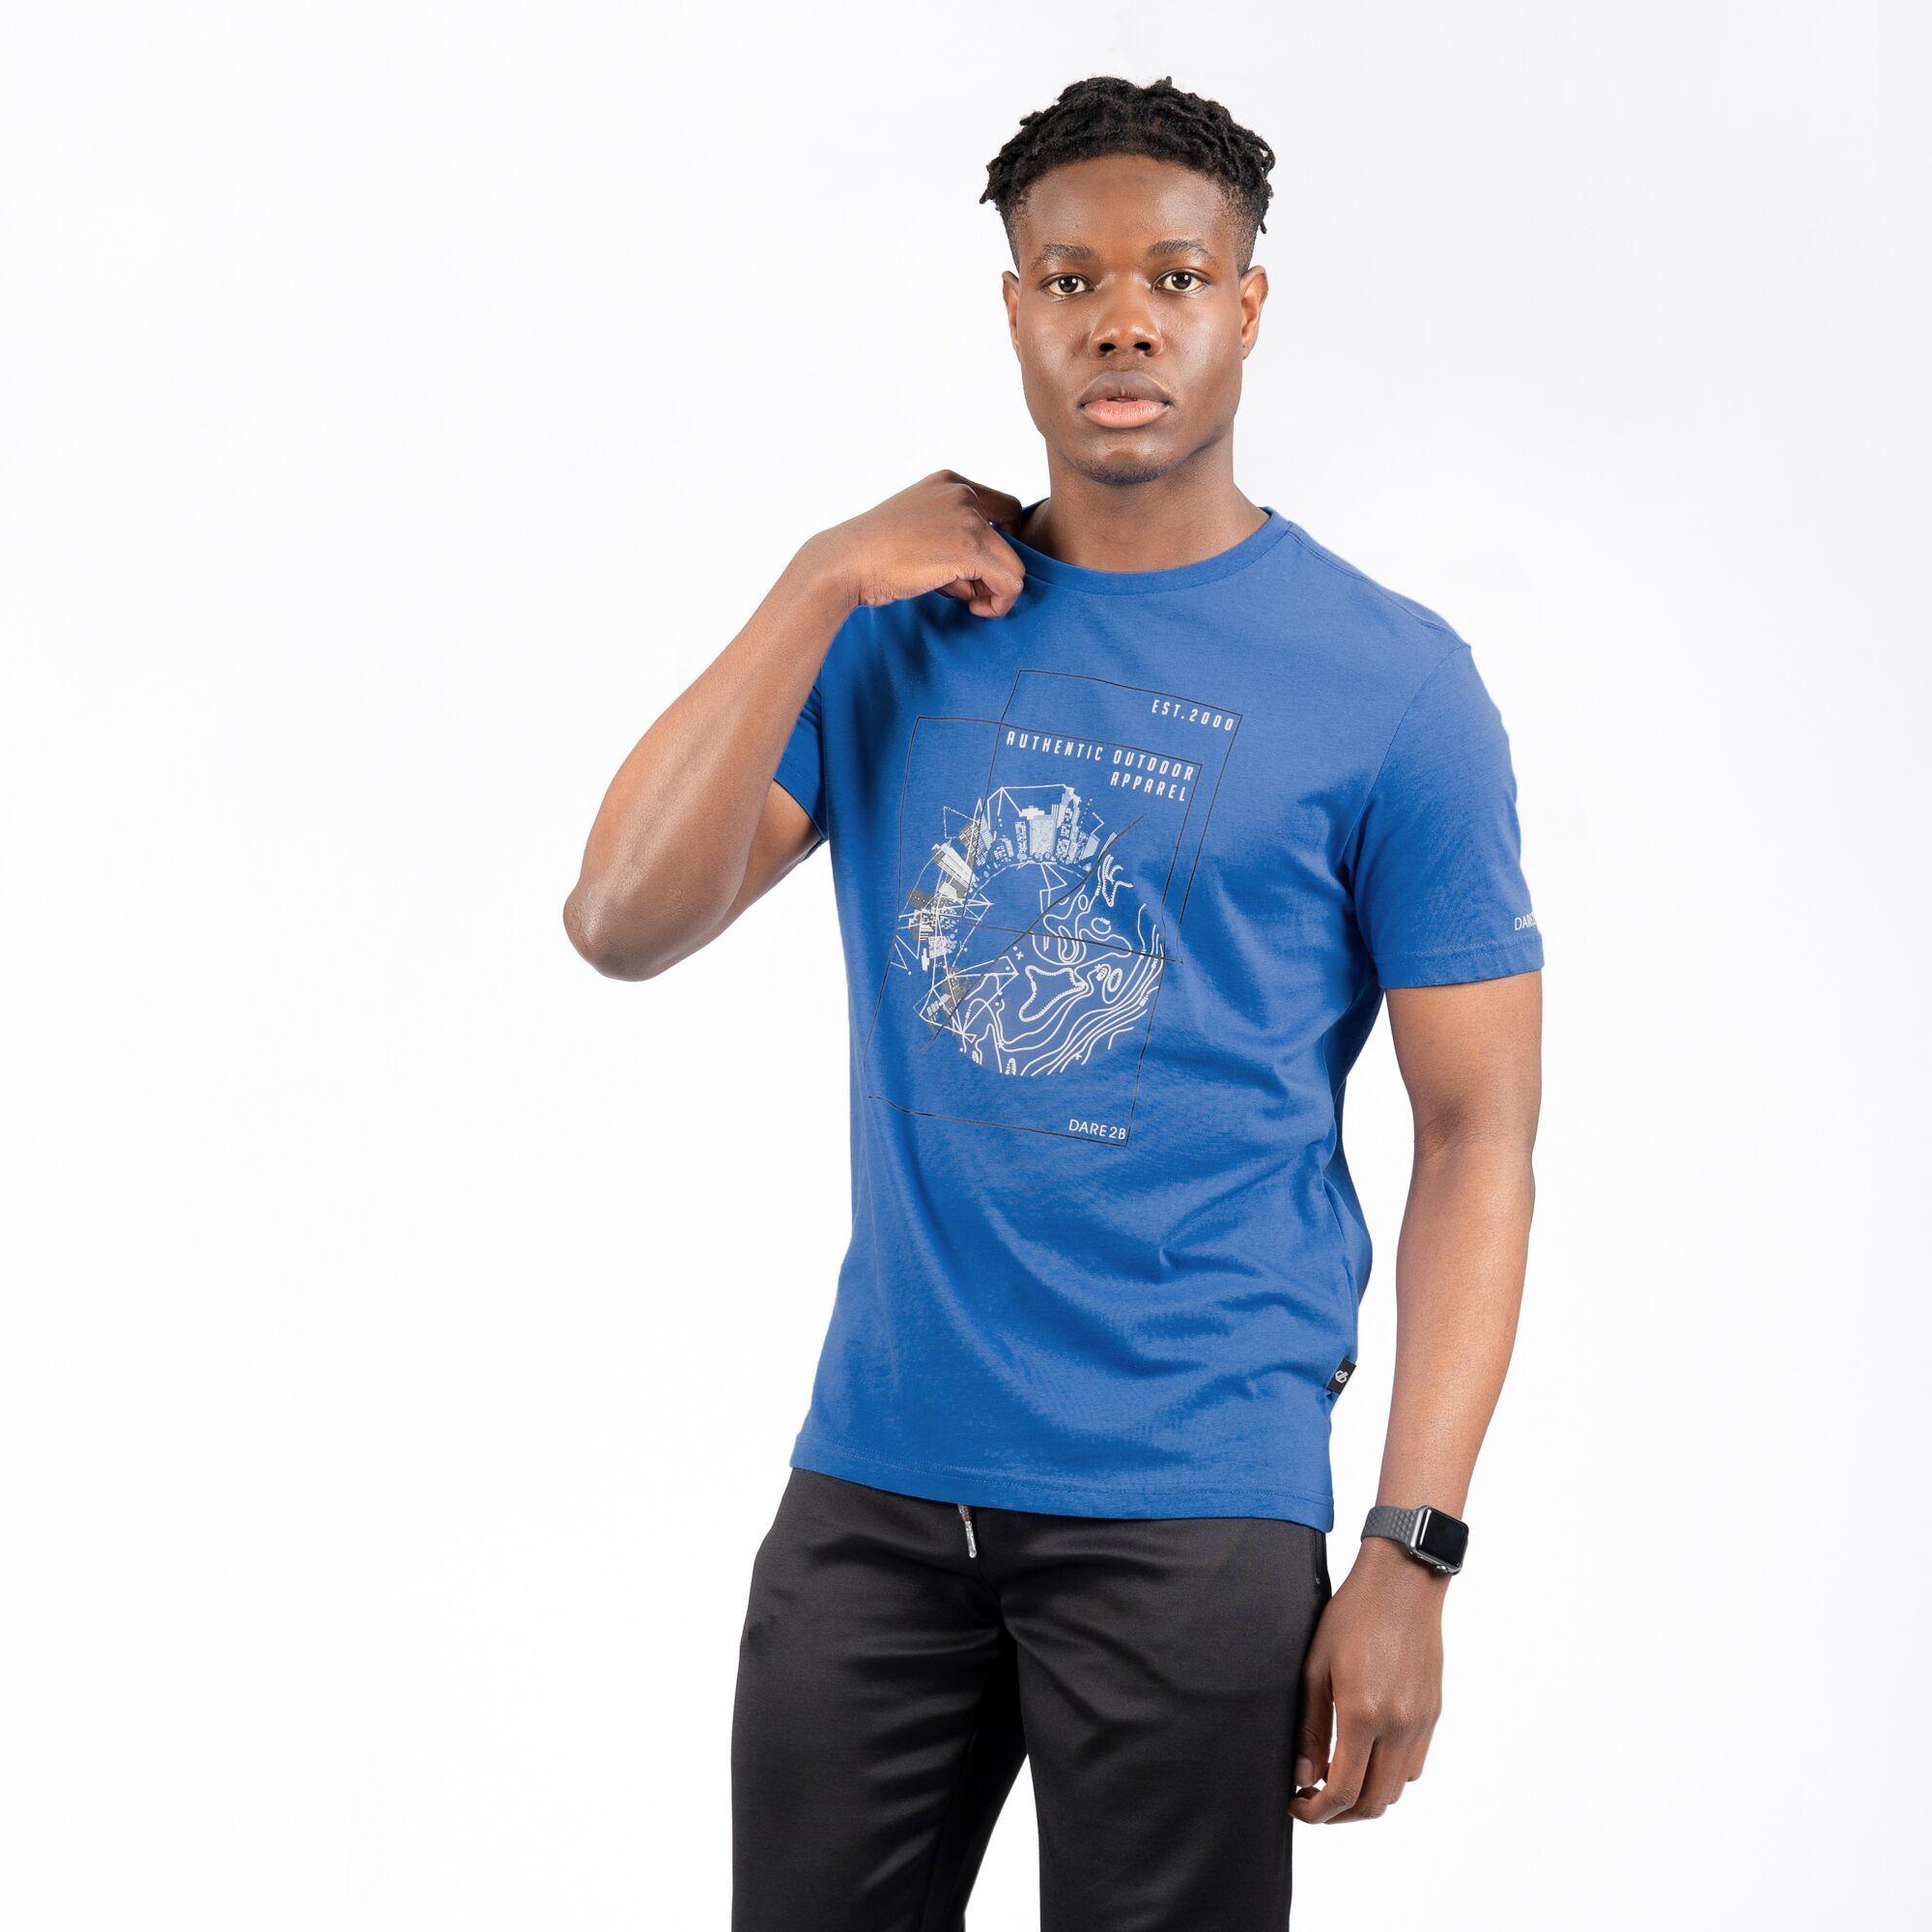 miniature 6 - Dare 2B - T-shirt imprimé STRINGENT - Homme (RG5022)